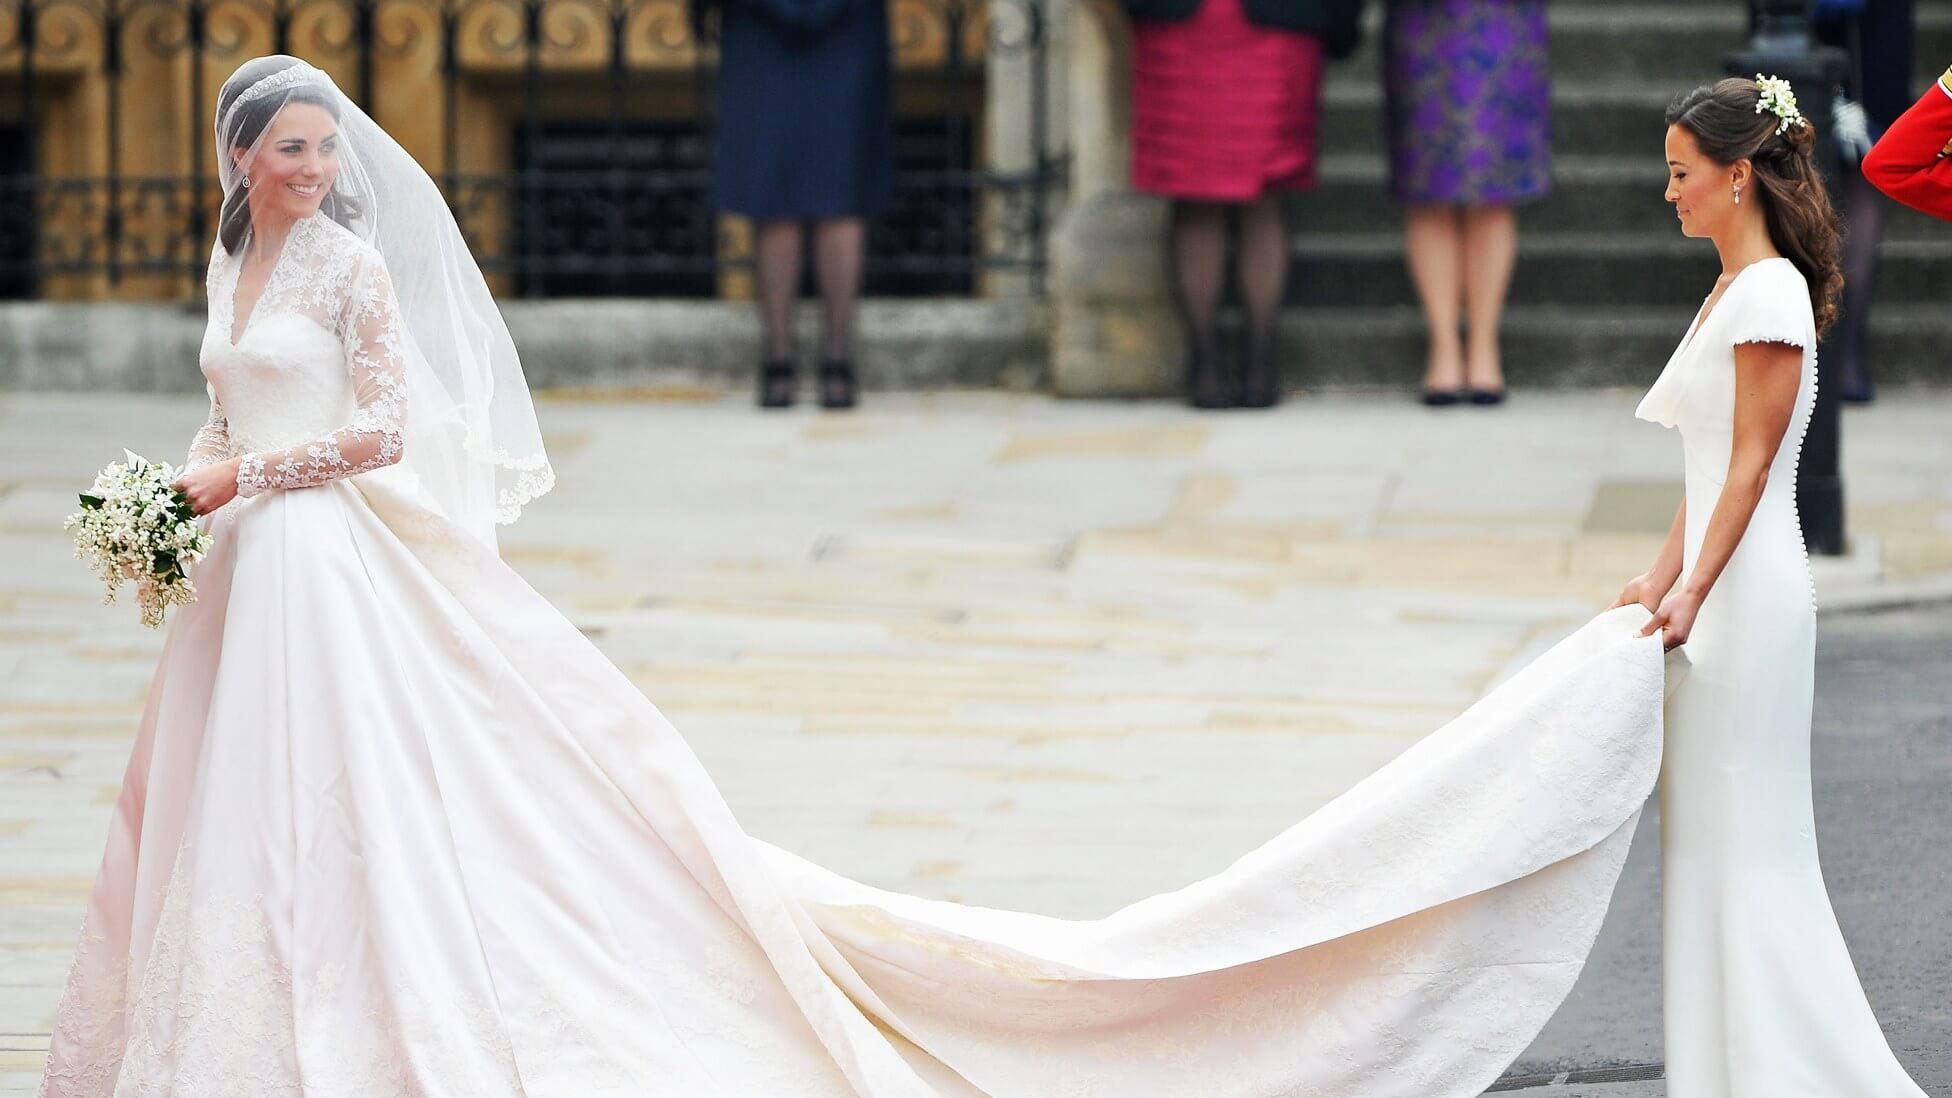 img-kate-middleton-wedding-dress_075548914142 (1)